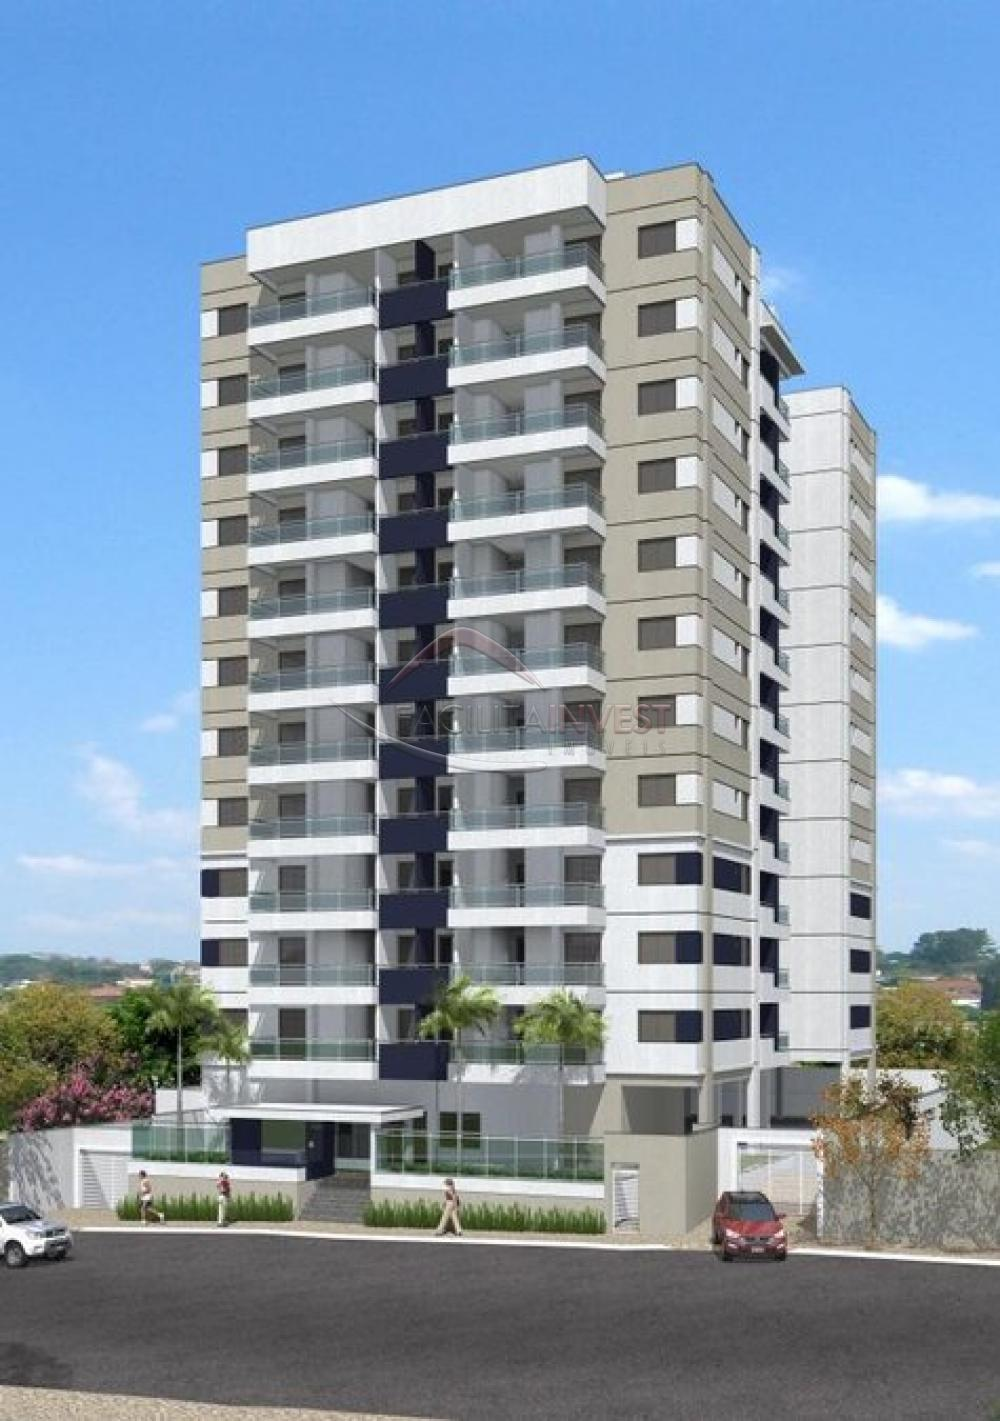 Comprar Apartamentos / Apart. Padrão em Ribeirão Preto apenas R$ 384.871,41 - Foto 1